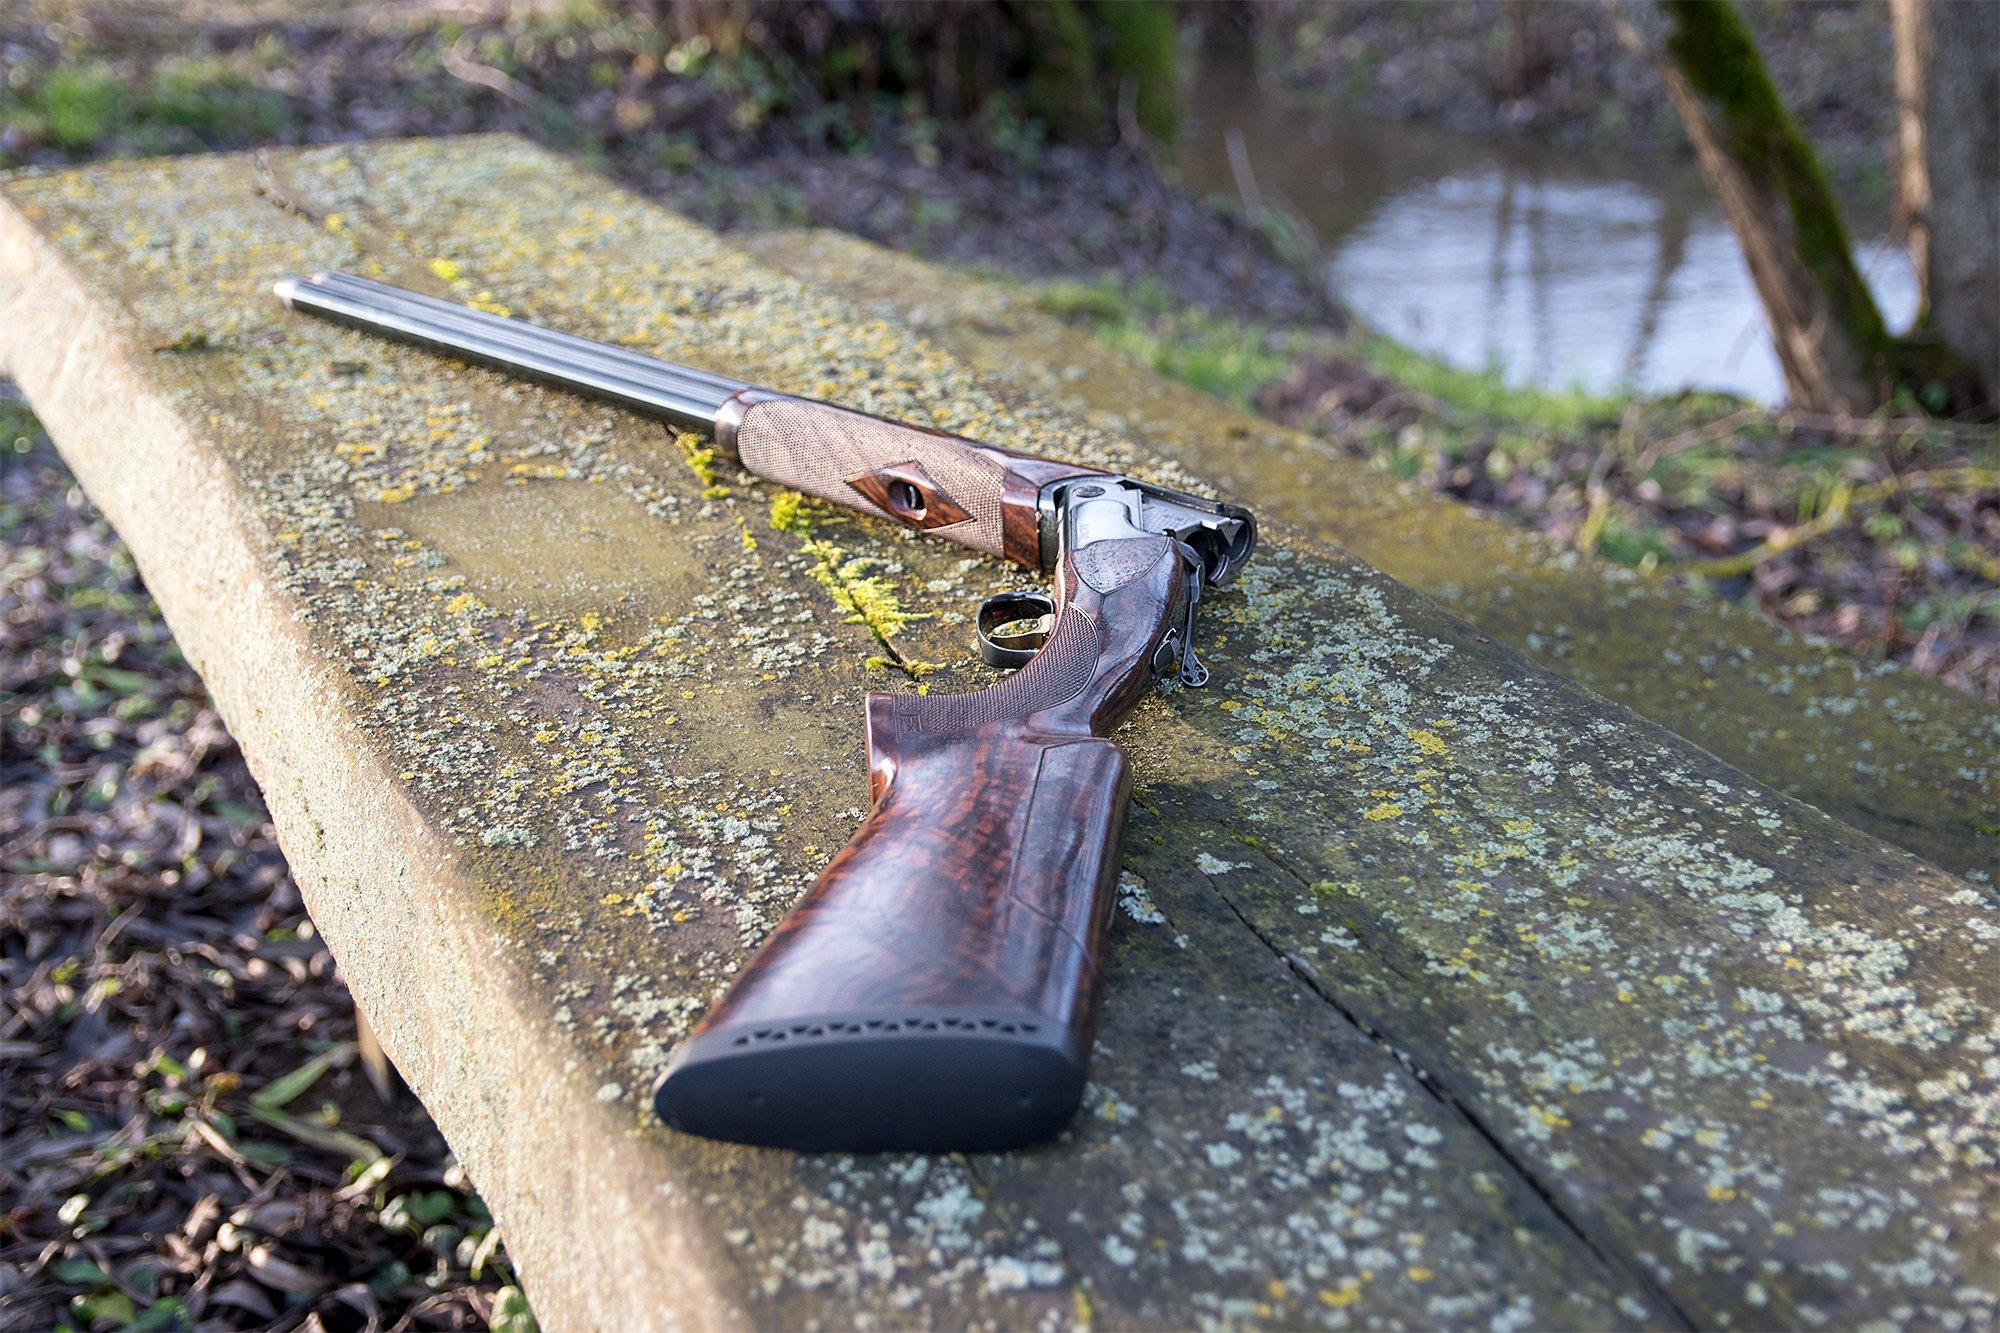 Manevrai dėl švino šaudmenų naudojimo šlapžemėse